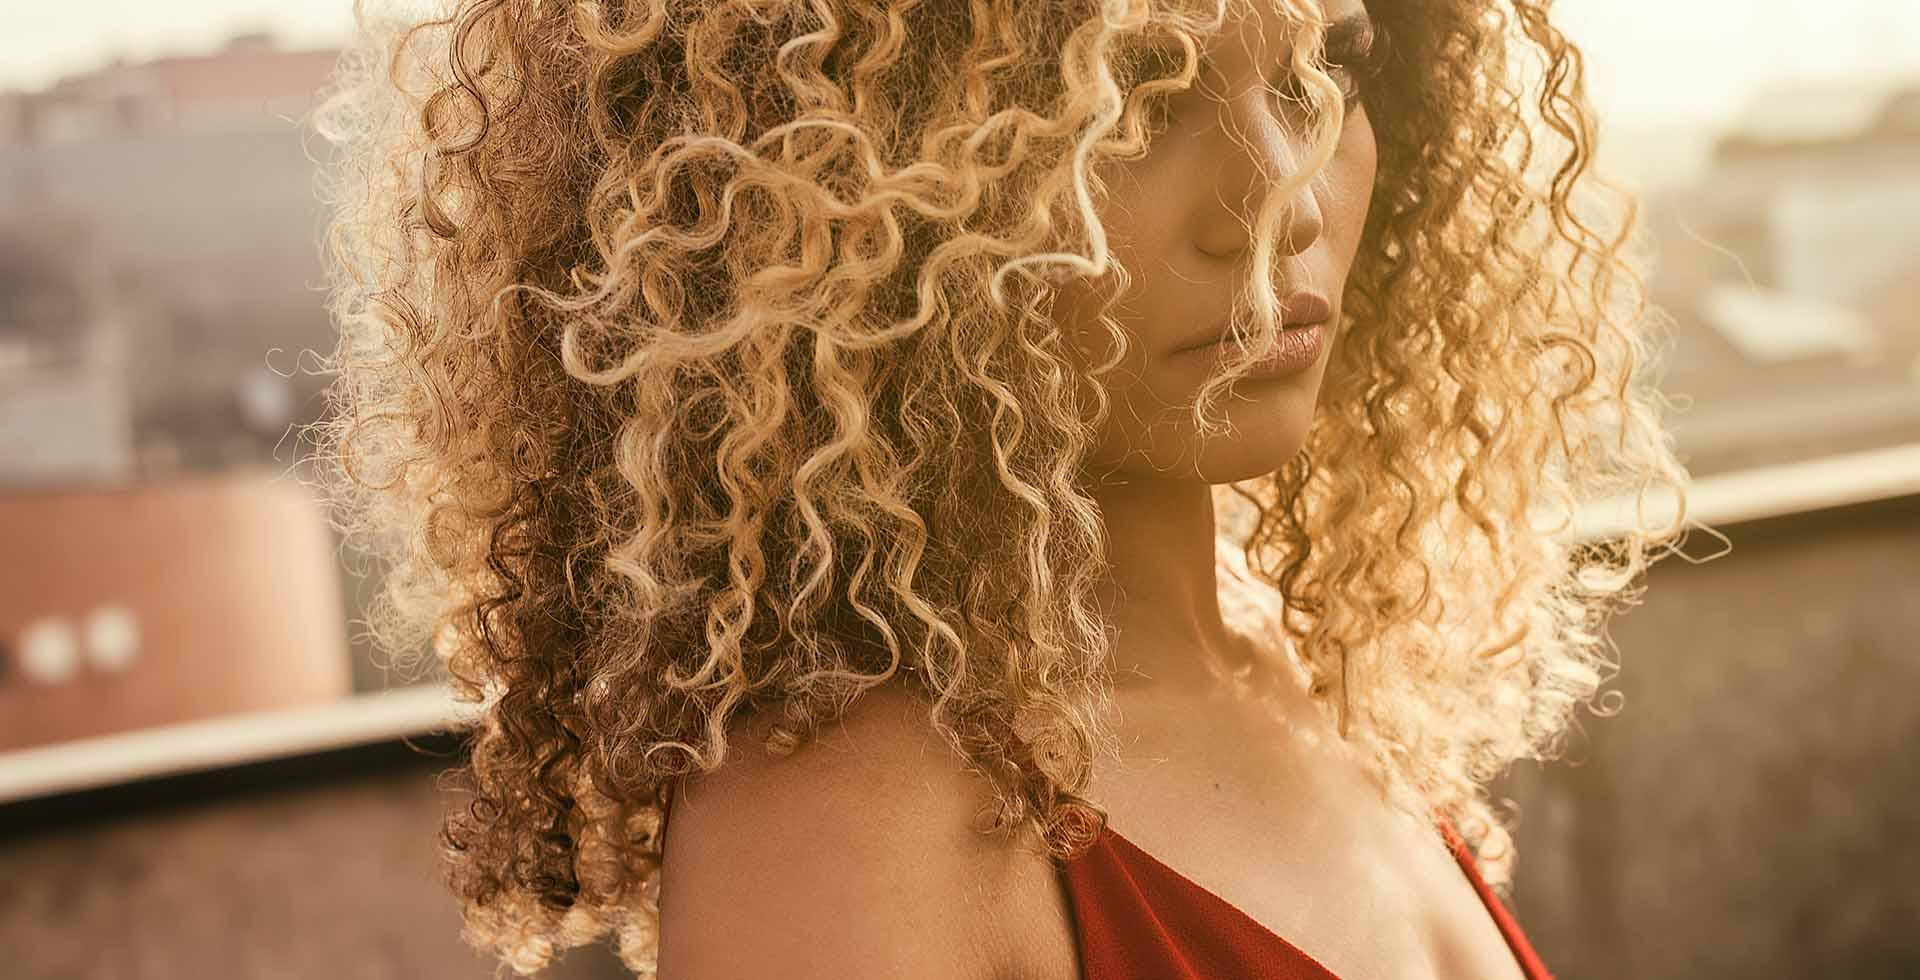 Curl power: l'eterna seduzione di ricci, onde e boccoli. Da creare, perfezionare, plasmare come piace a noi